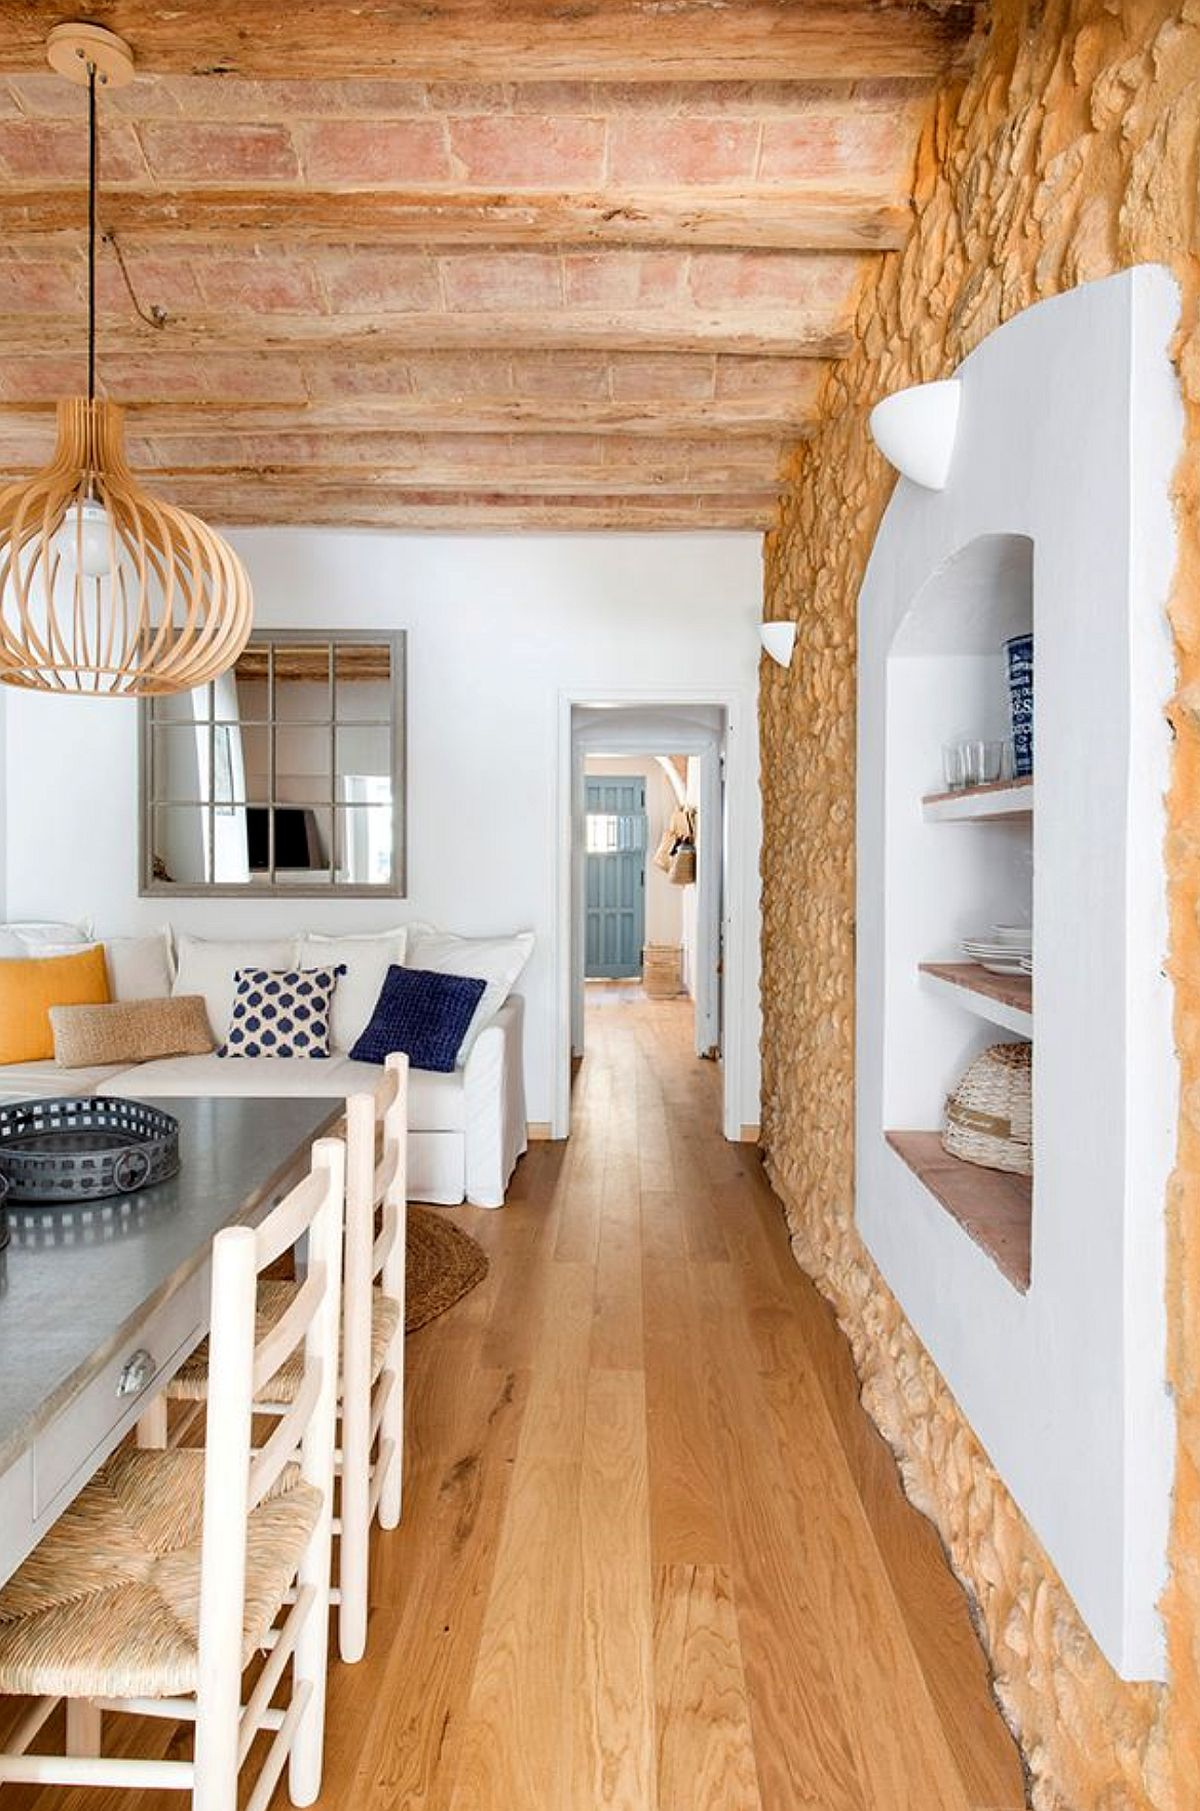 adelaparvu.com despre casa lunga si ingusta cu terasa, stil marin, design Nice Home Barcelona, Foto Jordi Canosa (15)